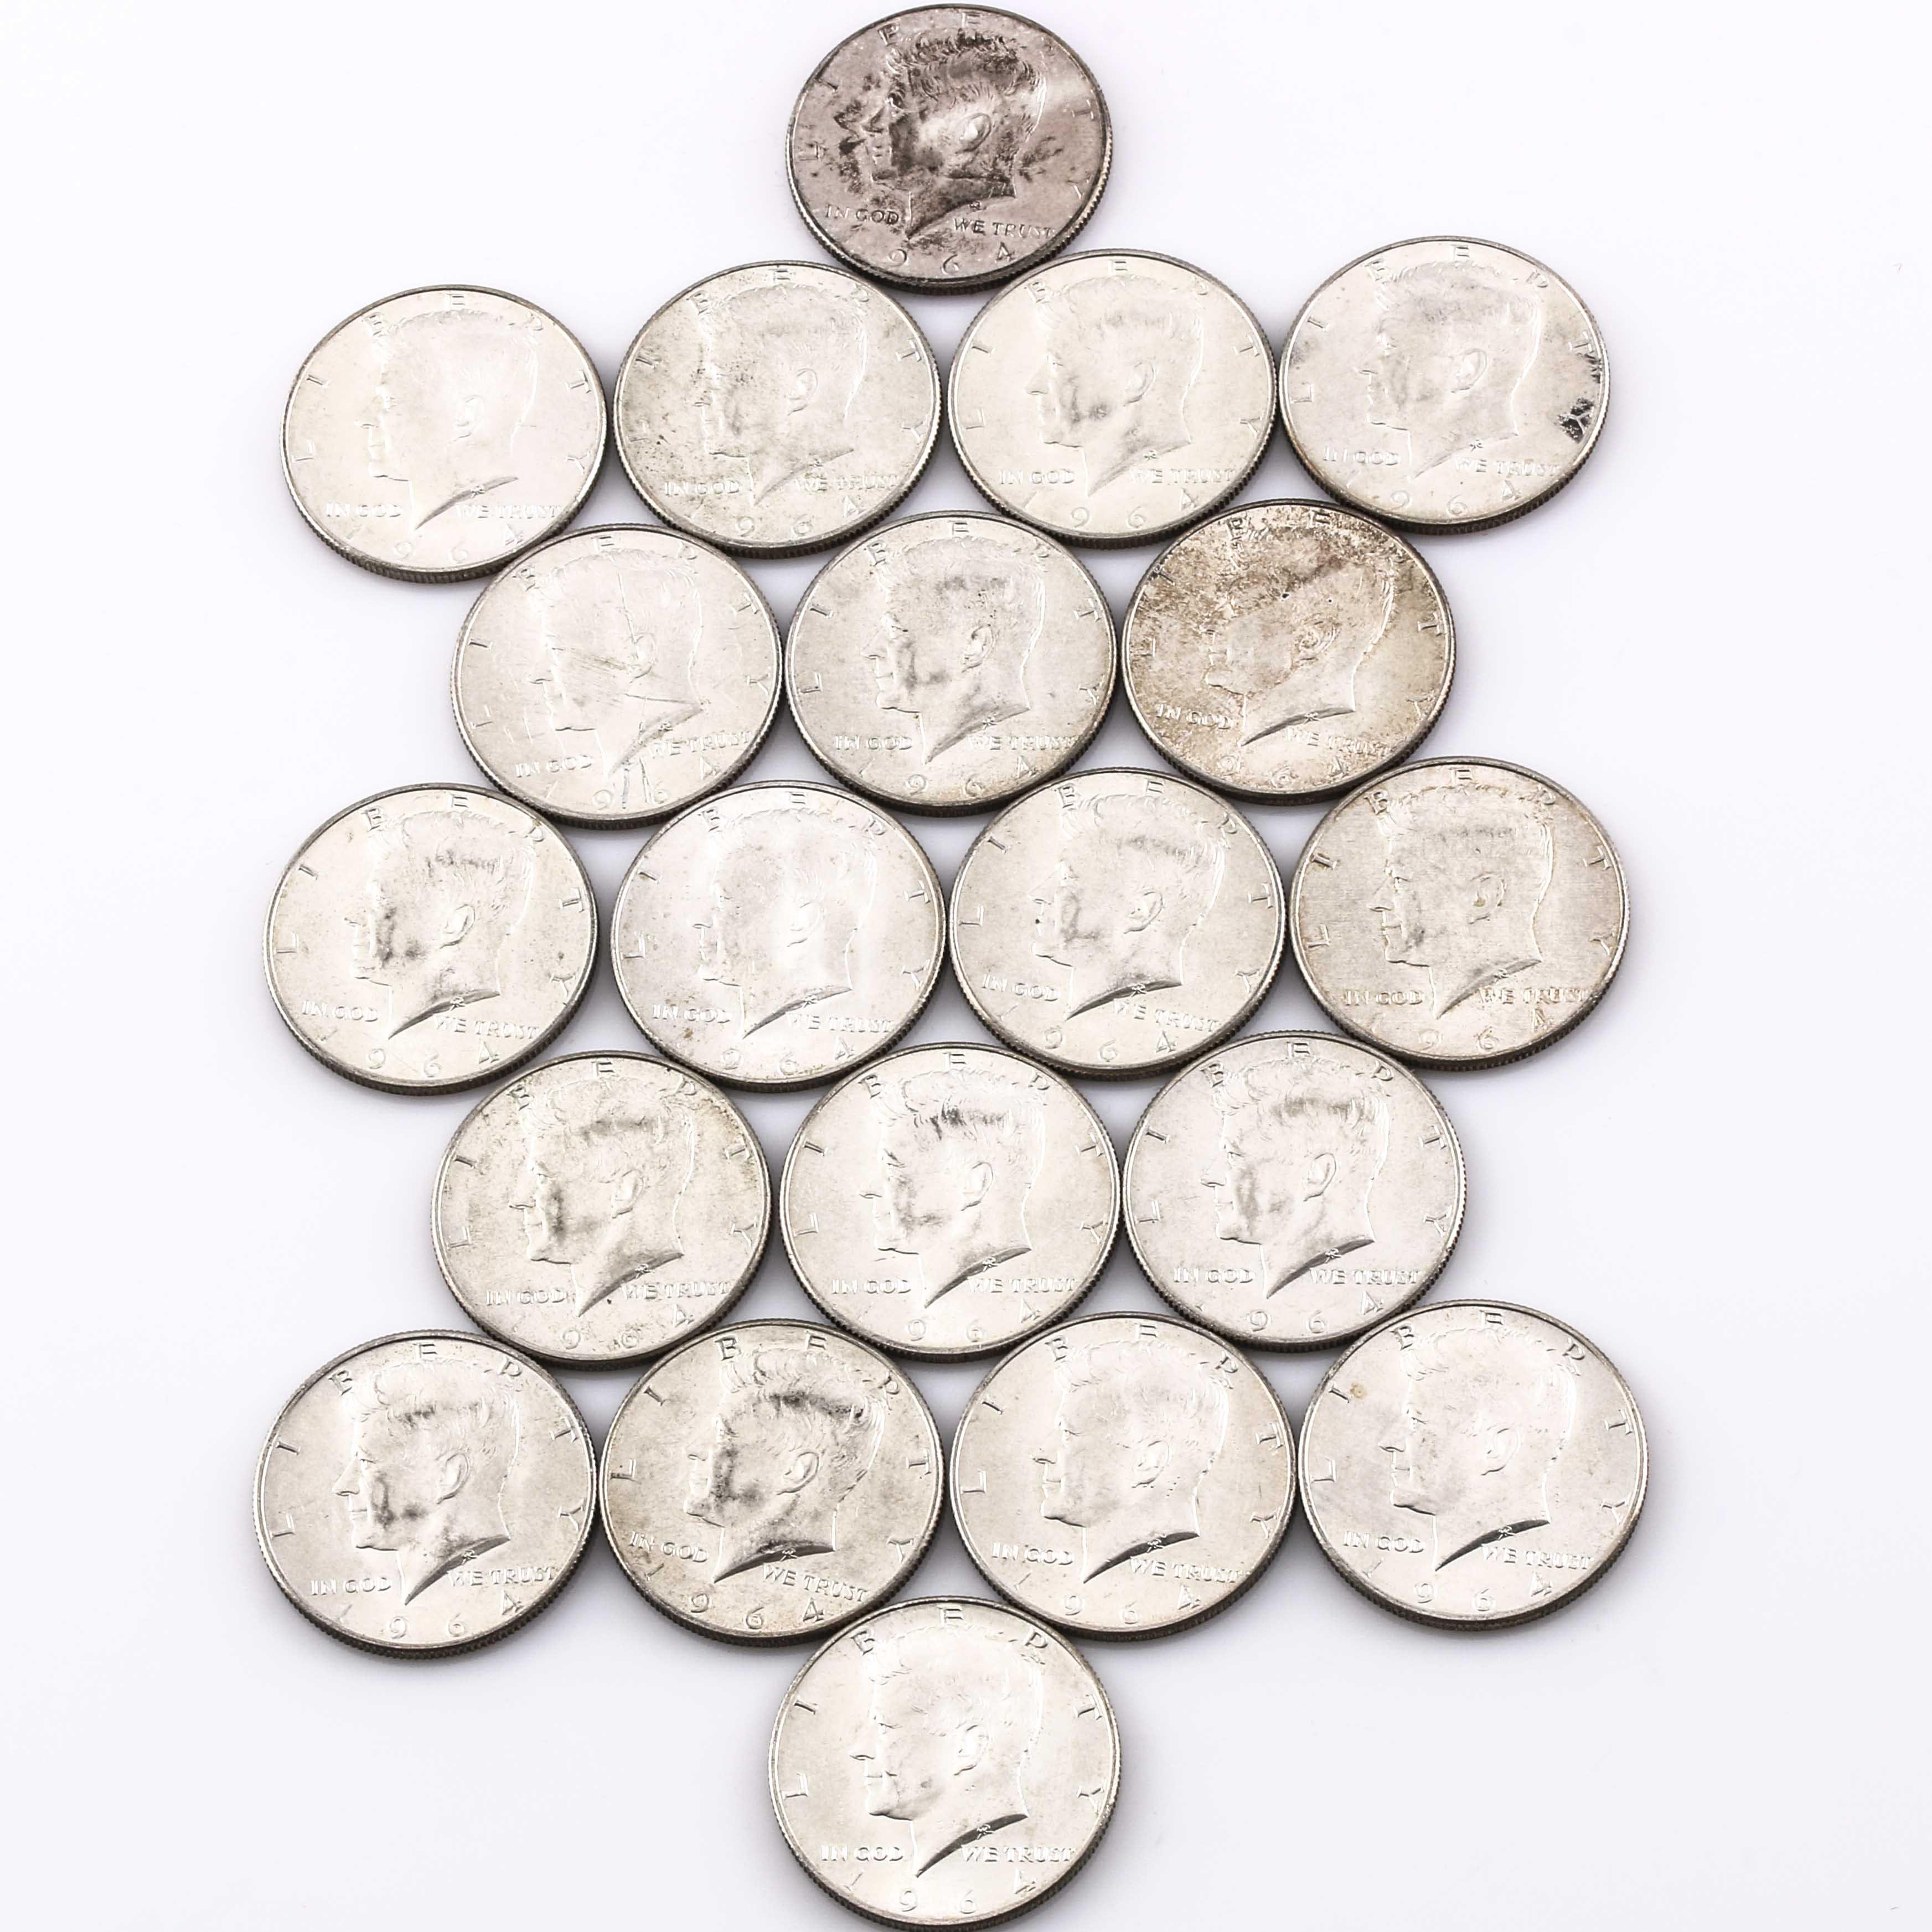 Twenty Kennedy Silver Half Dollars